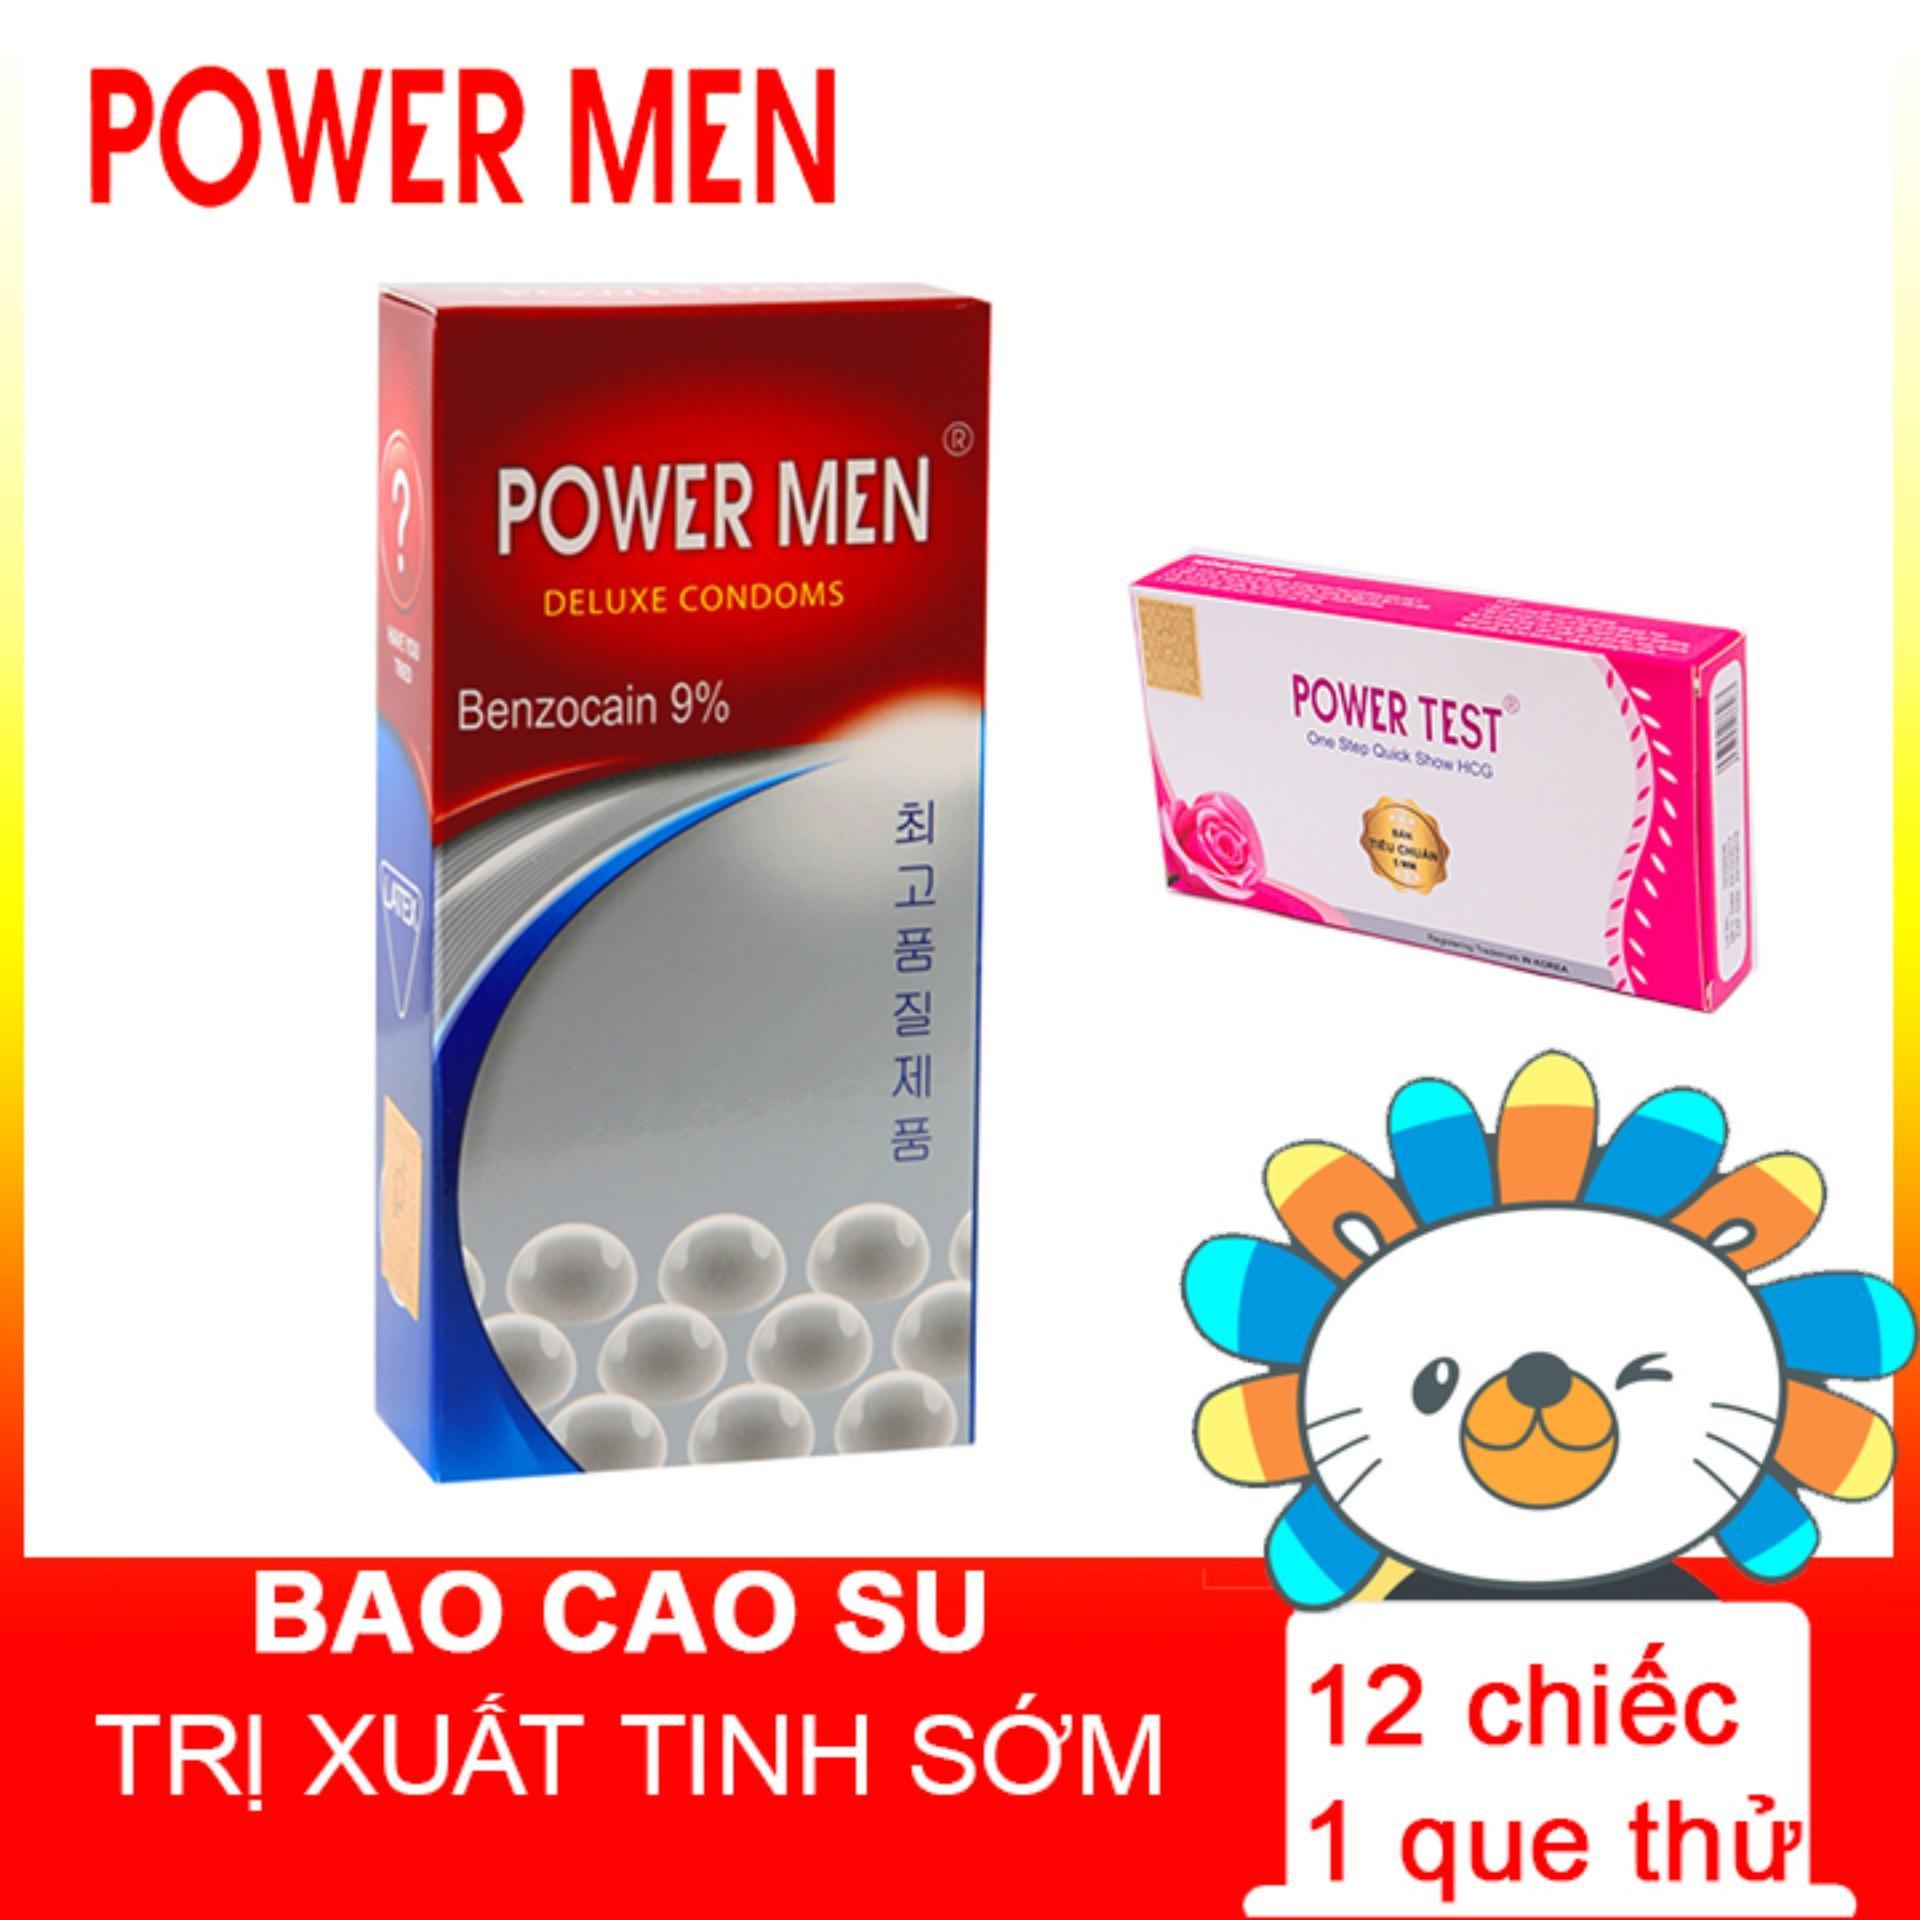 [Mua 1 Tặng 1] Que thử thai Powertest tặng Bao cao su Powermen 12 chiếc BCS nhập khẩu